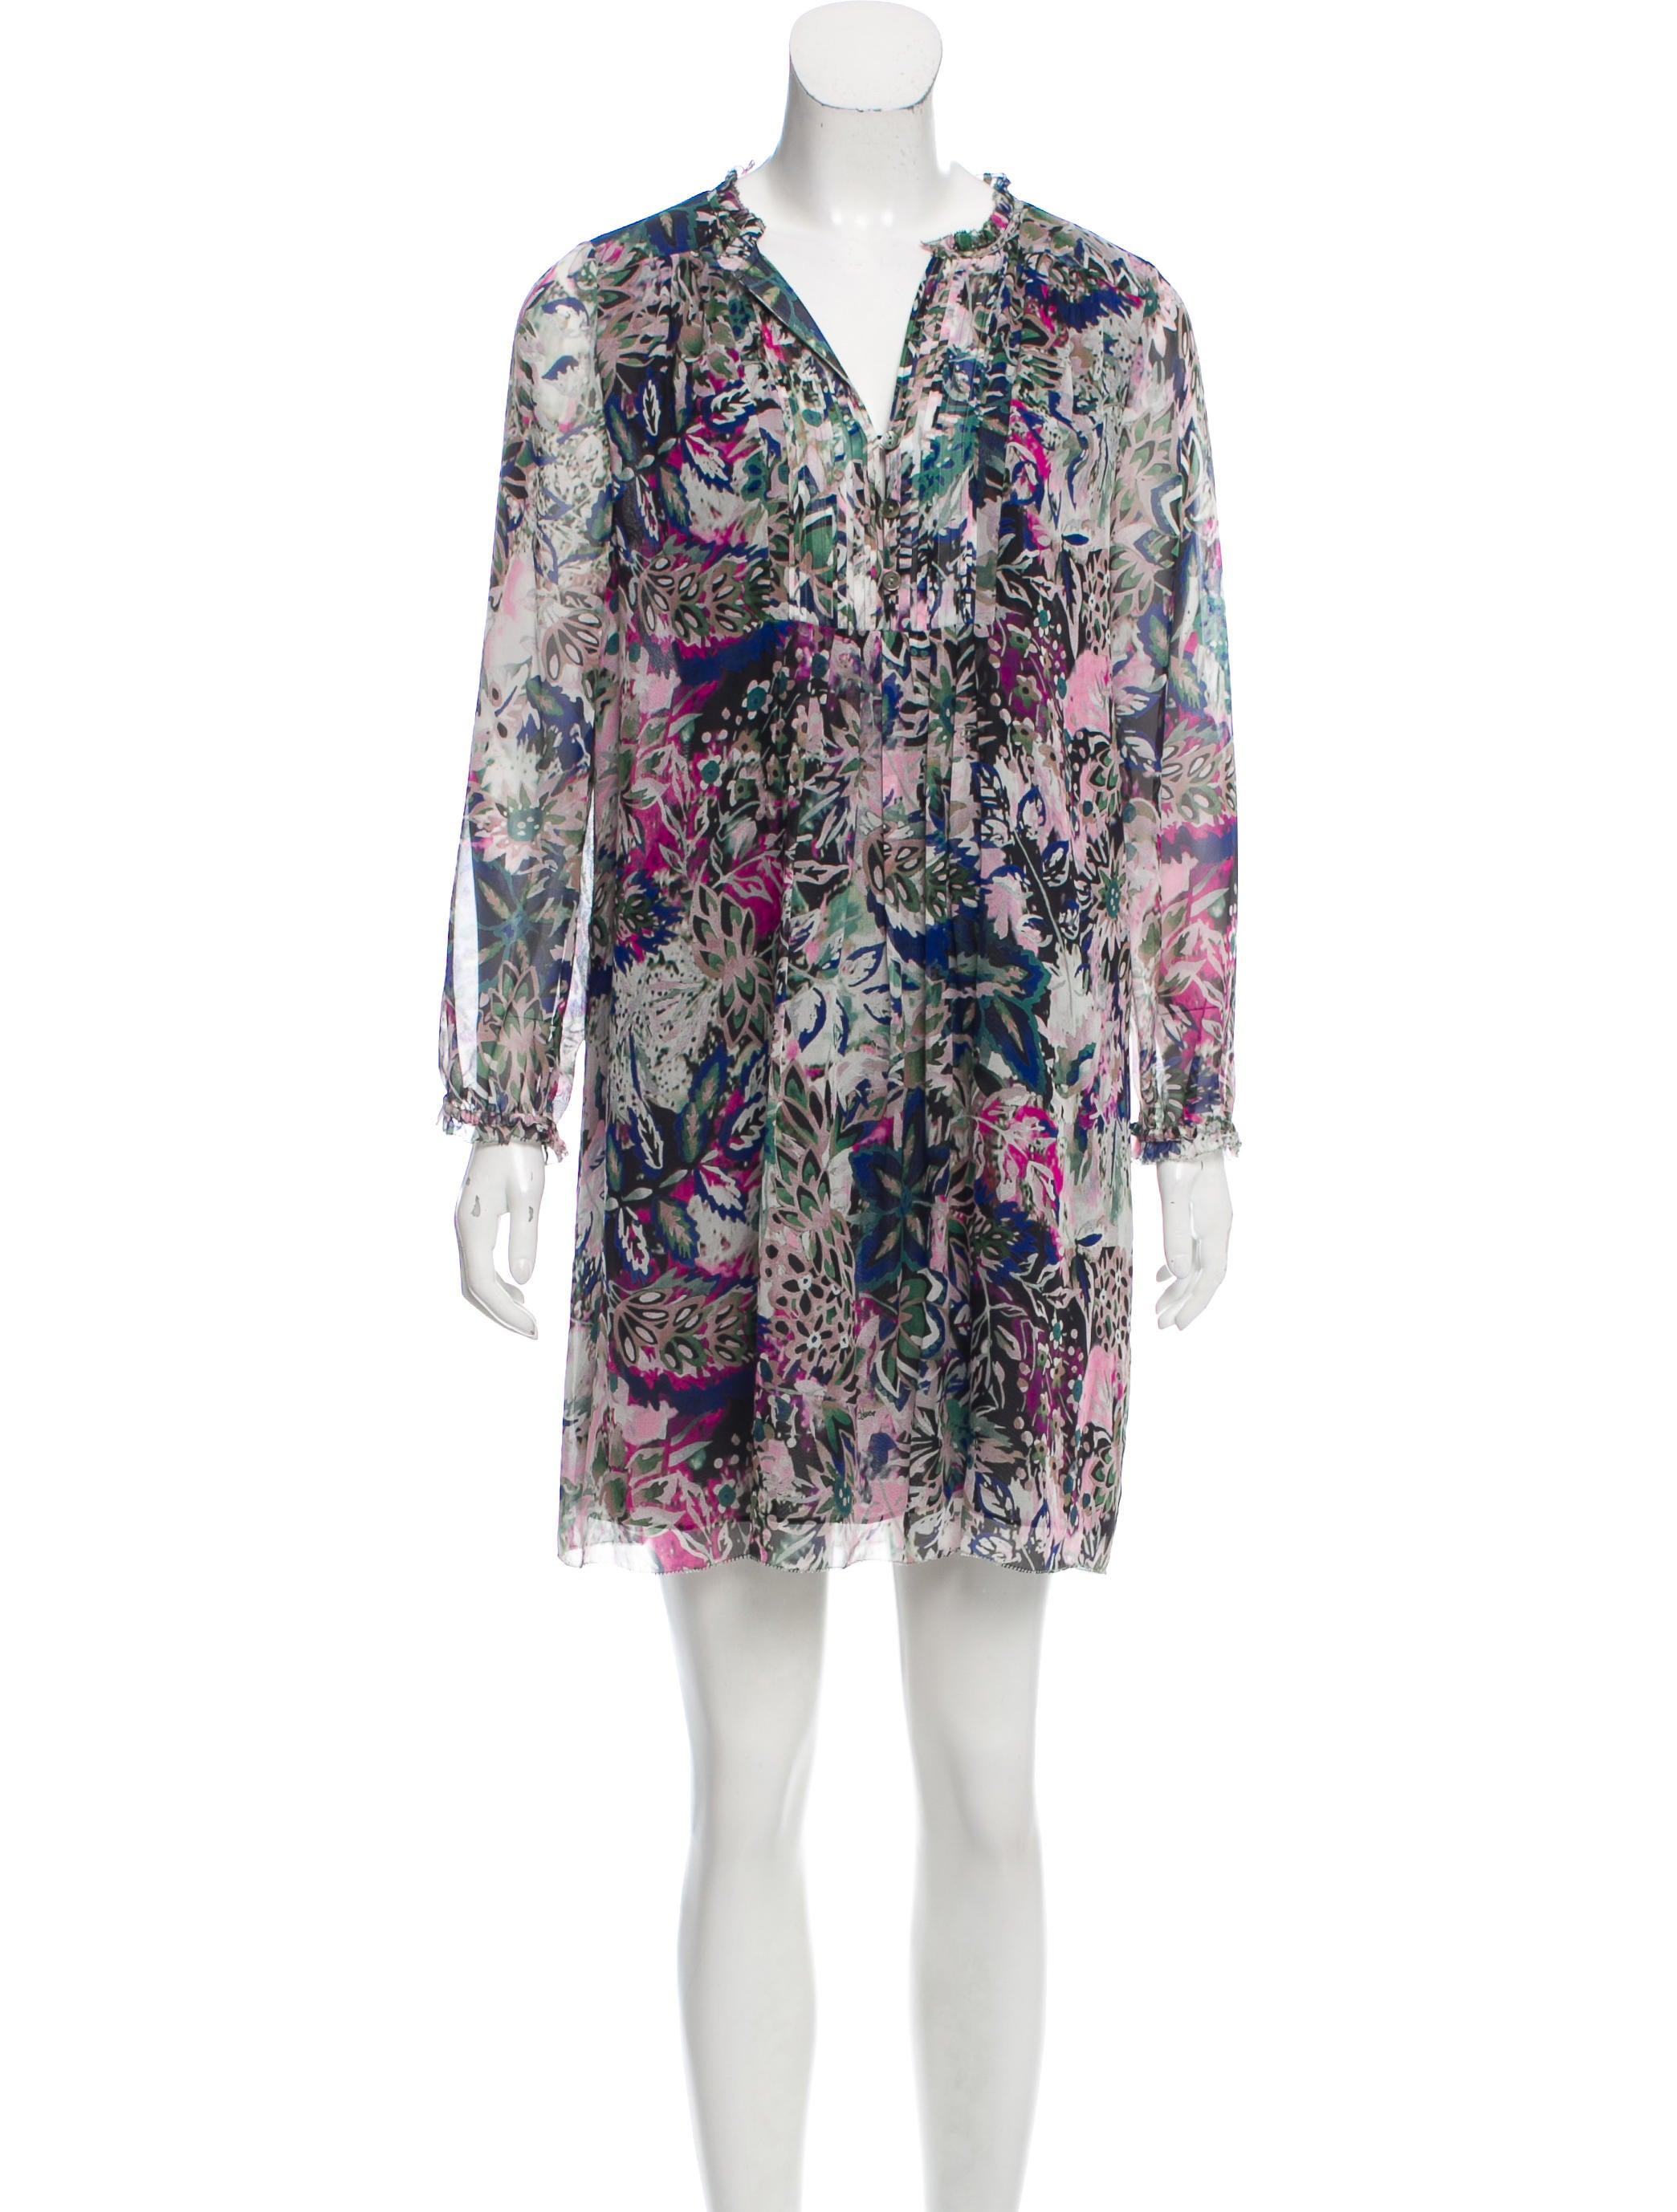 Diane von furstenberg silk annalise dress clothing for Diane von furstenberg clothing